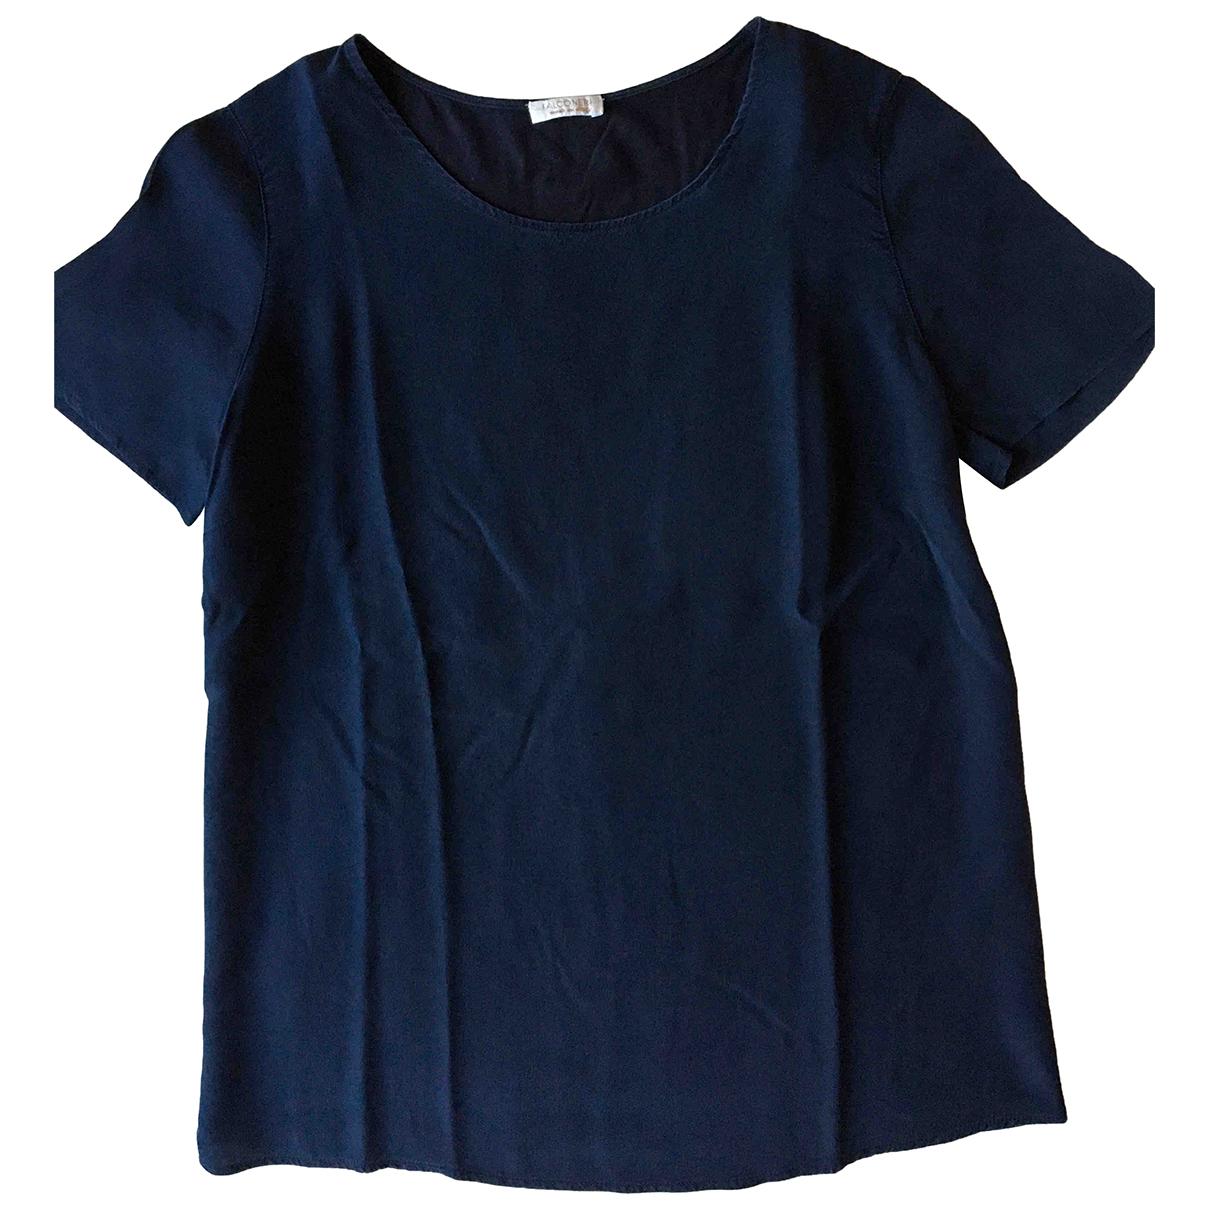 Falconeri - Top   pour femme en soie - bleu